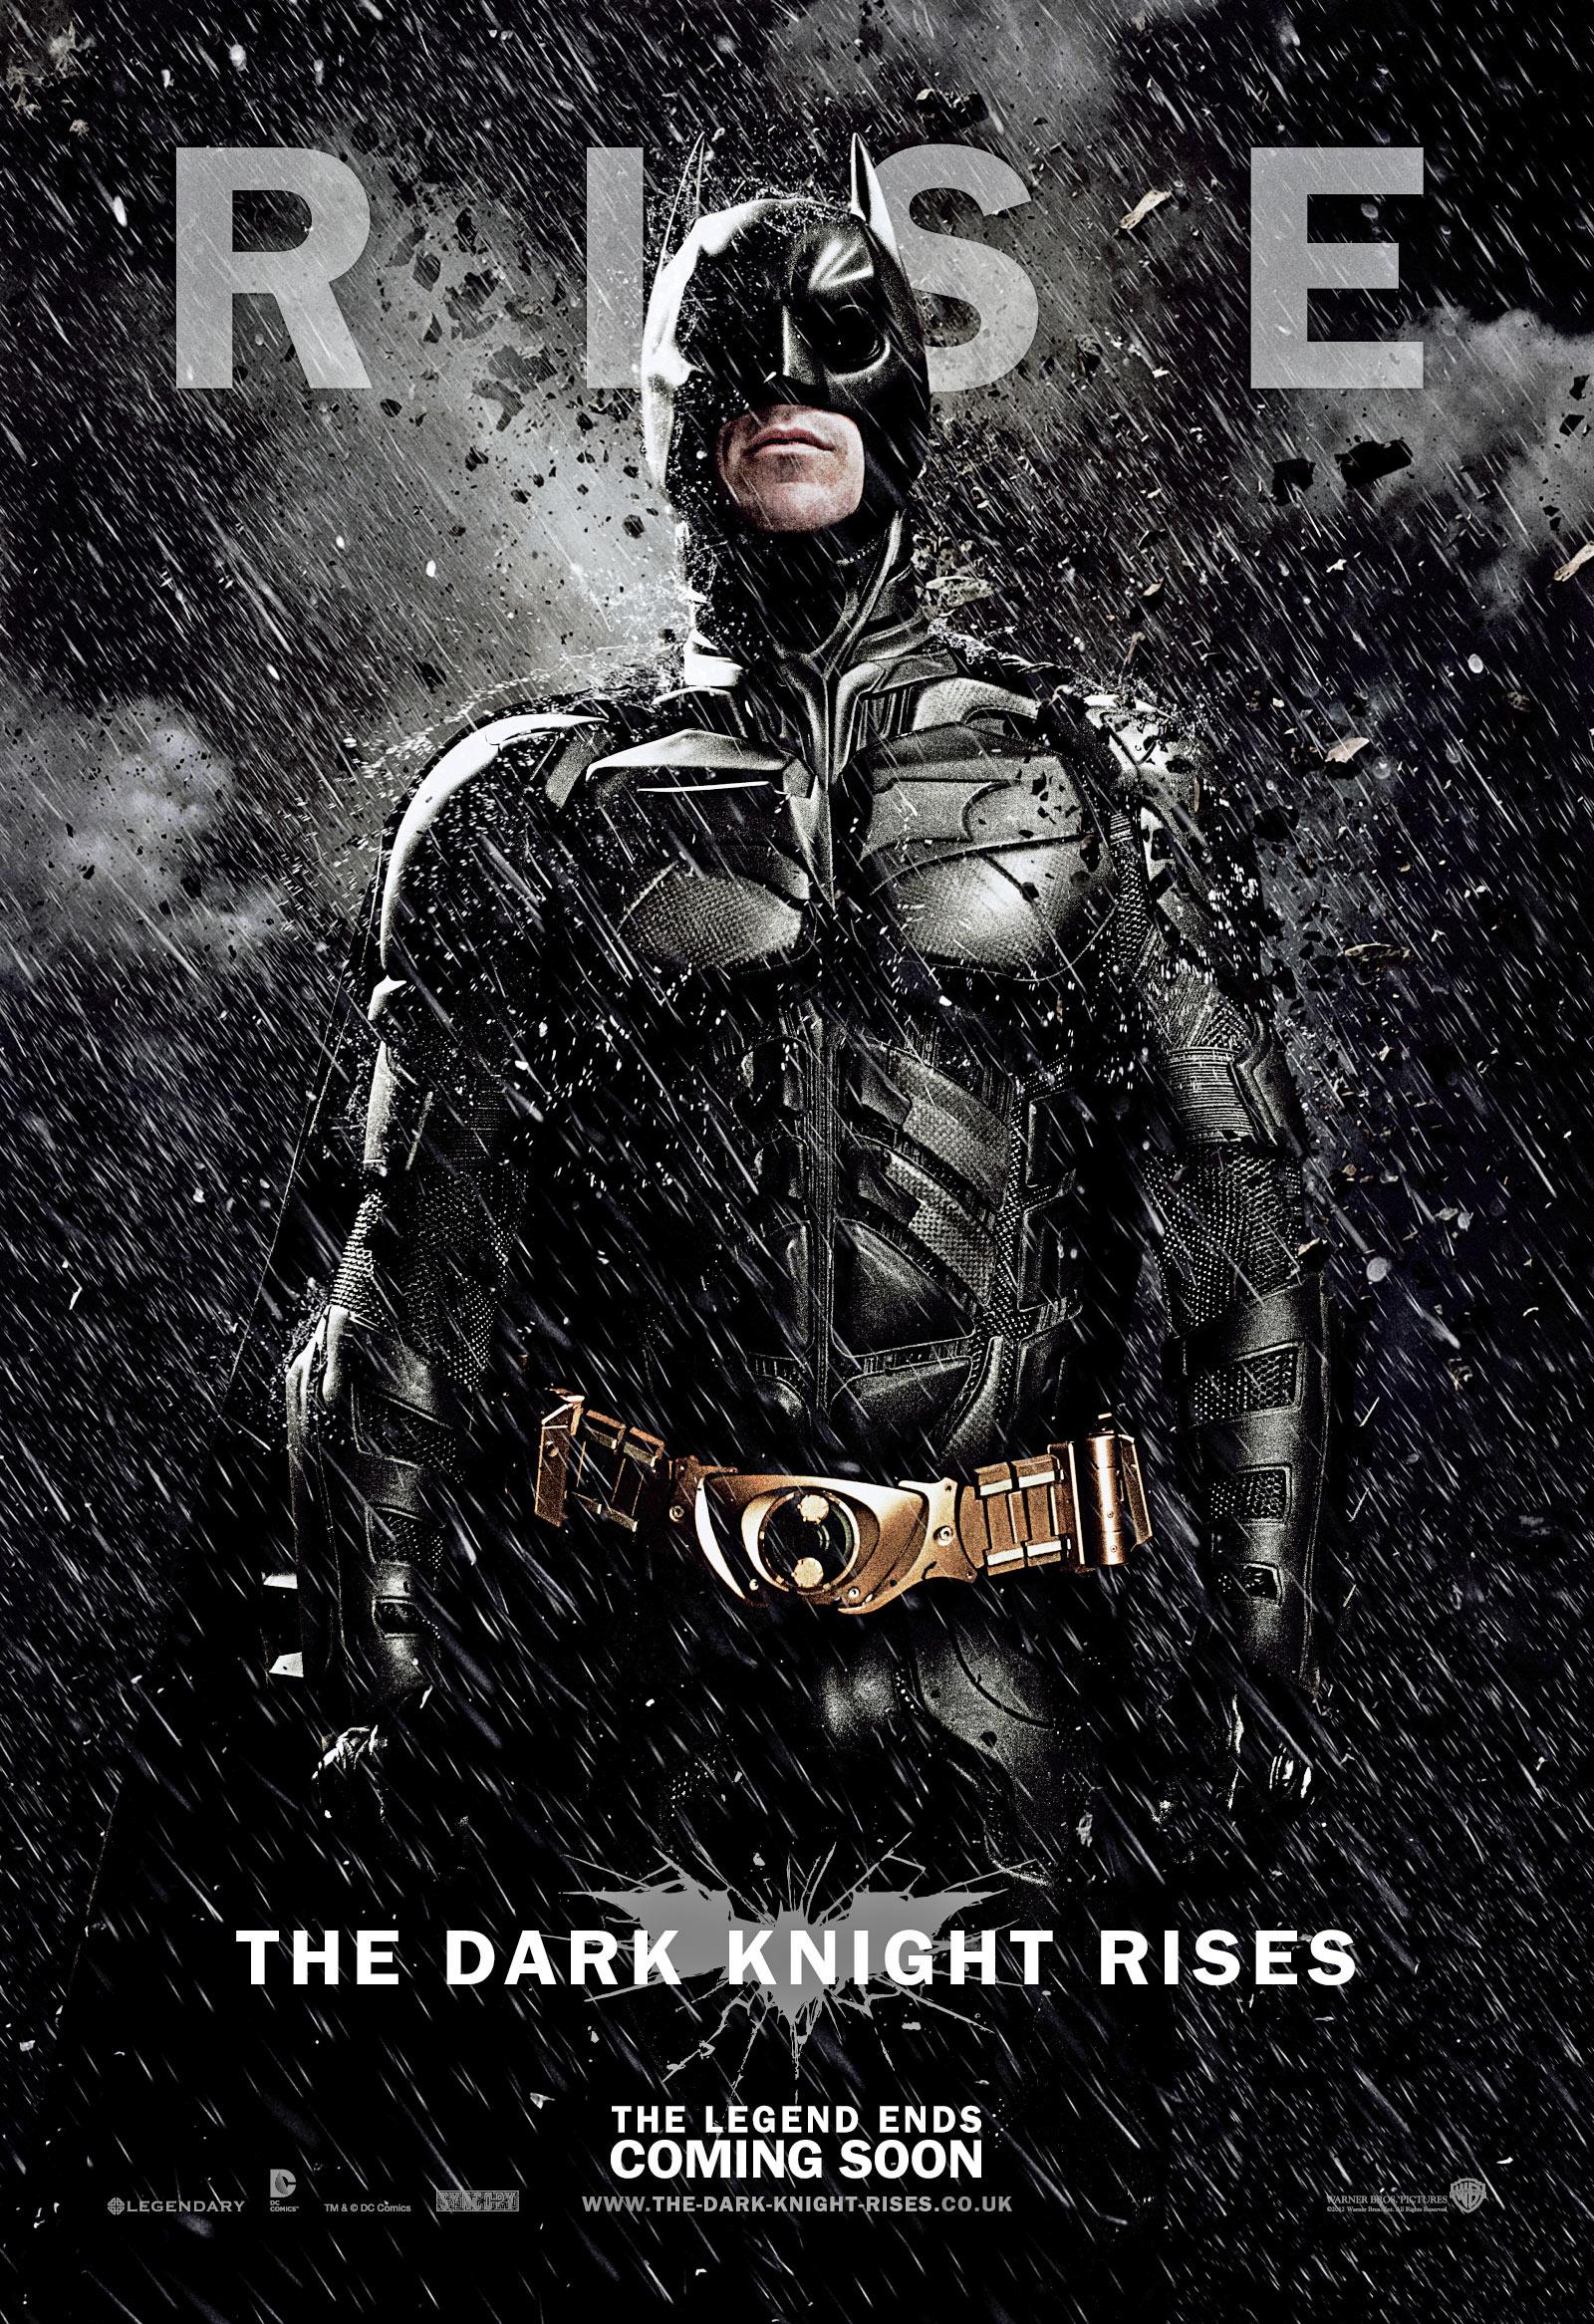 Бэтмен в фильме Возвращение темного рыцаря дождь